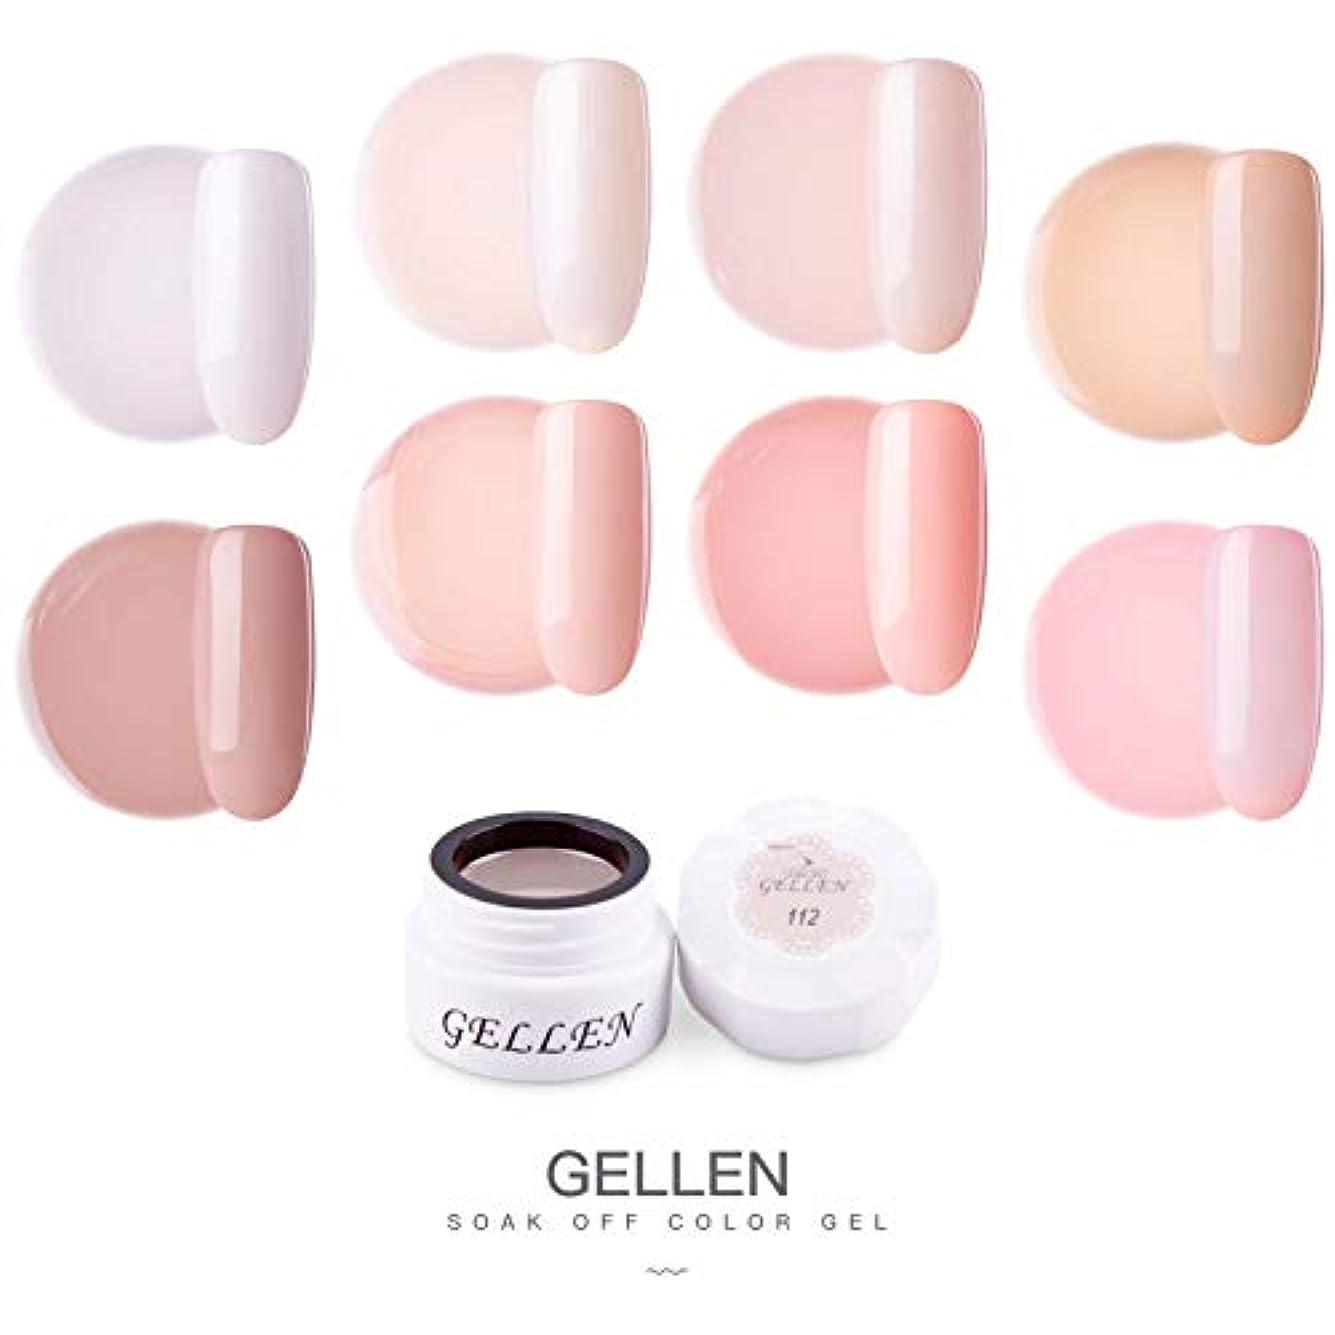 不機嫌そうな両方溶かすGellen カラージェル 8色 セット[ヌードピンク系]高品質 5g ジェルネイル カラー ネイルブラシ付き